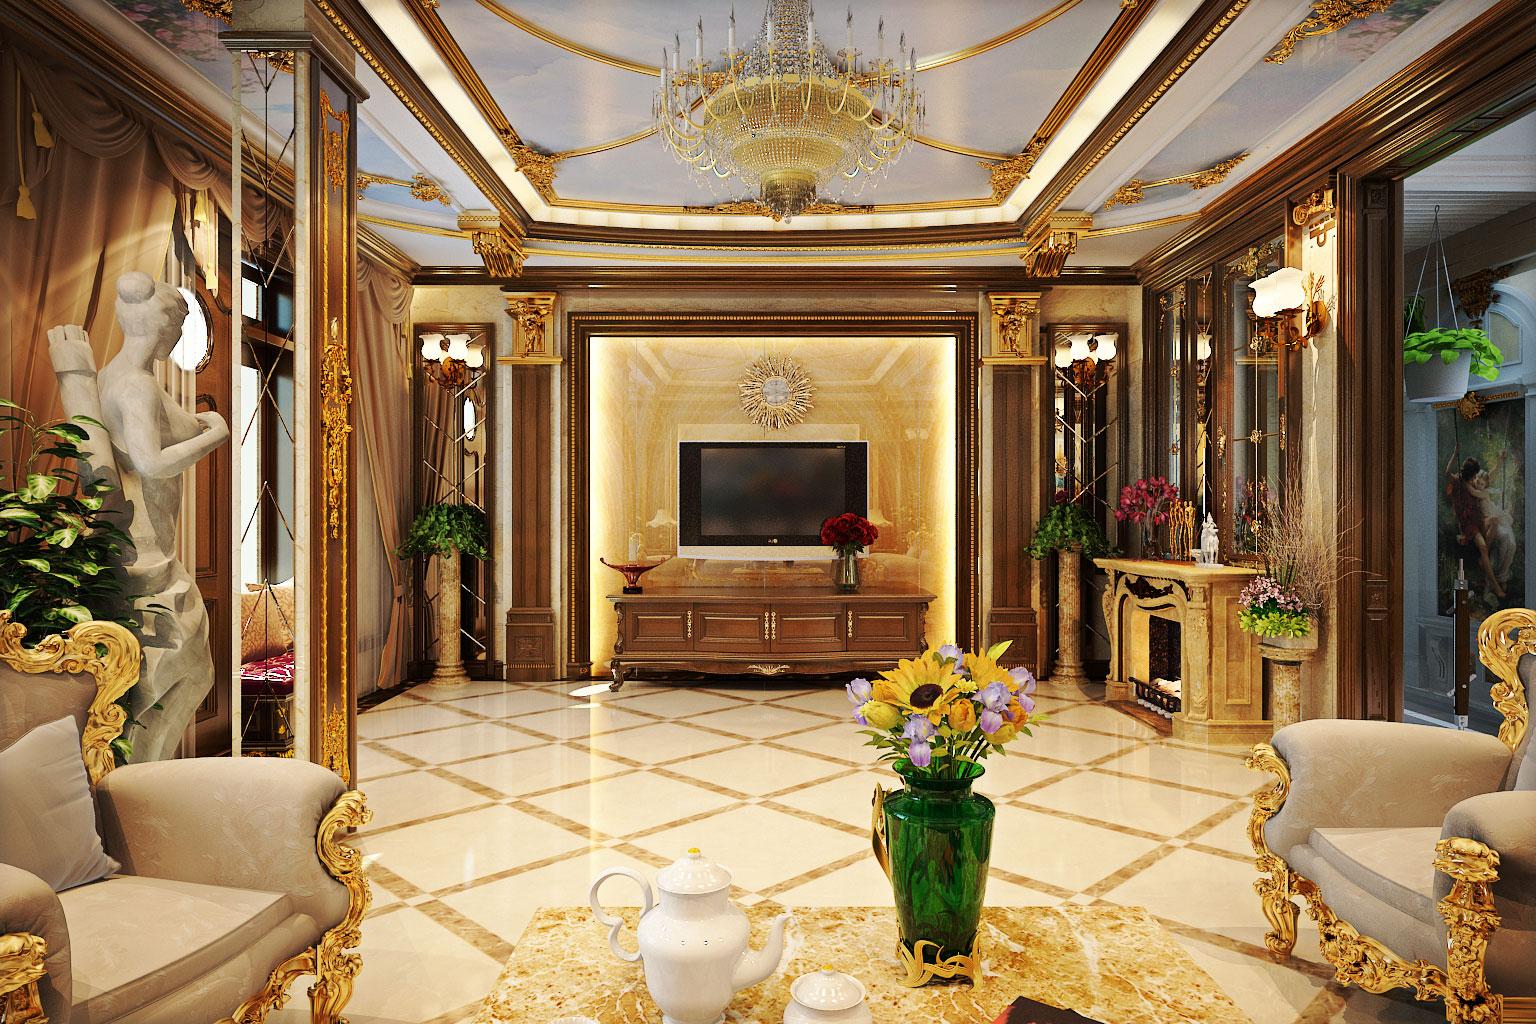 nội thất đẹp, mẫu nội thất đẹp, nội thất nhà xinh, nhà xinh, ngôi nhà xinh